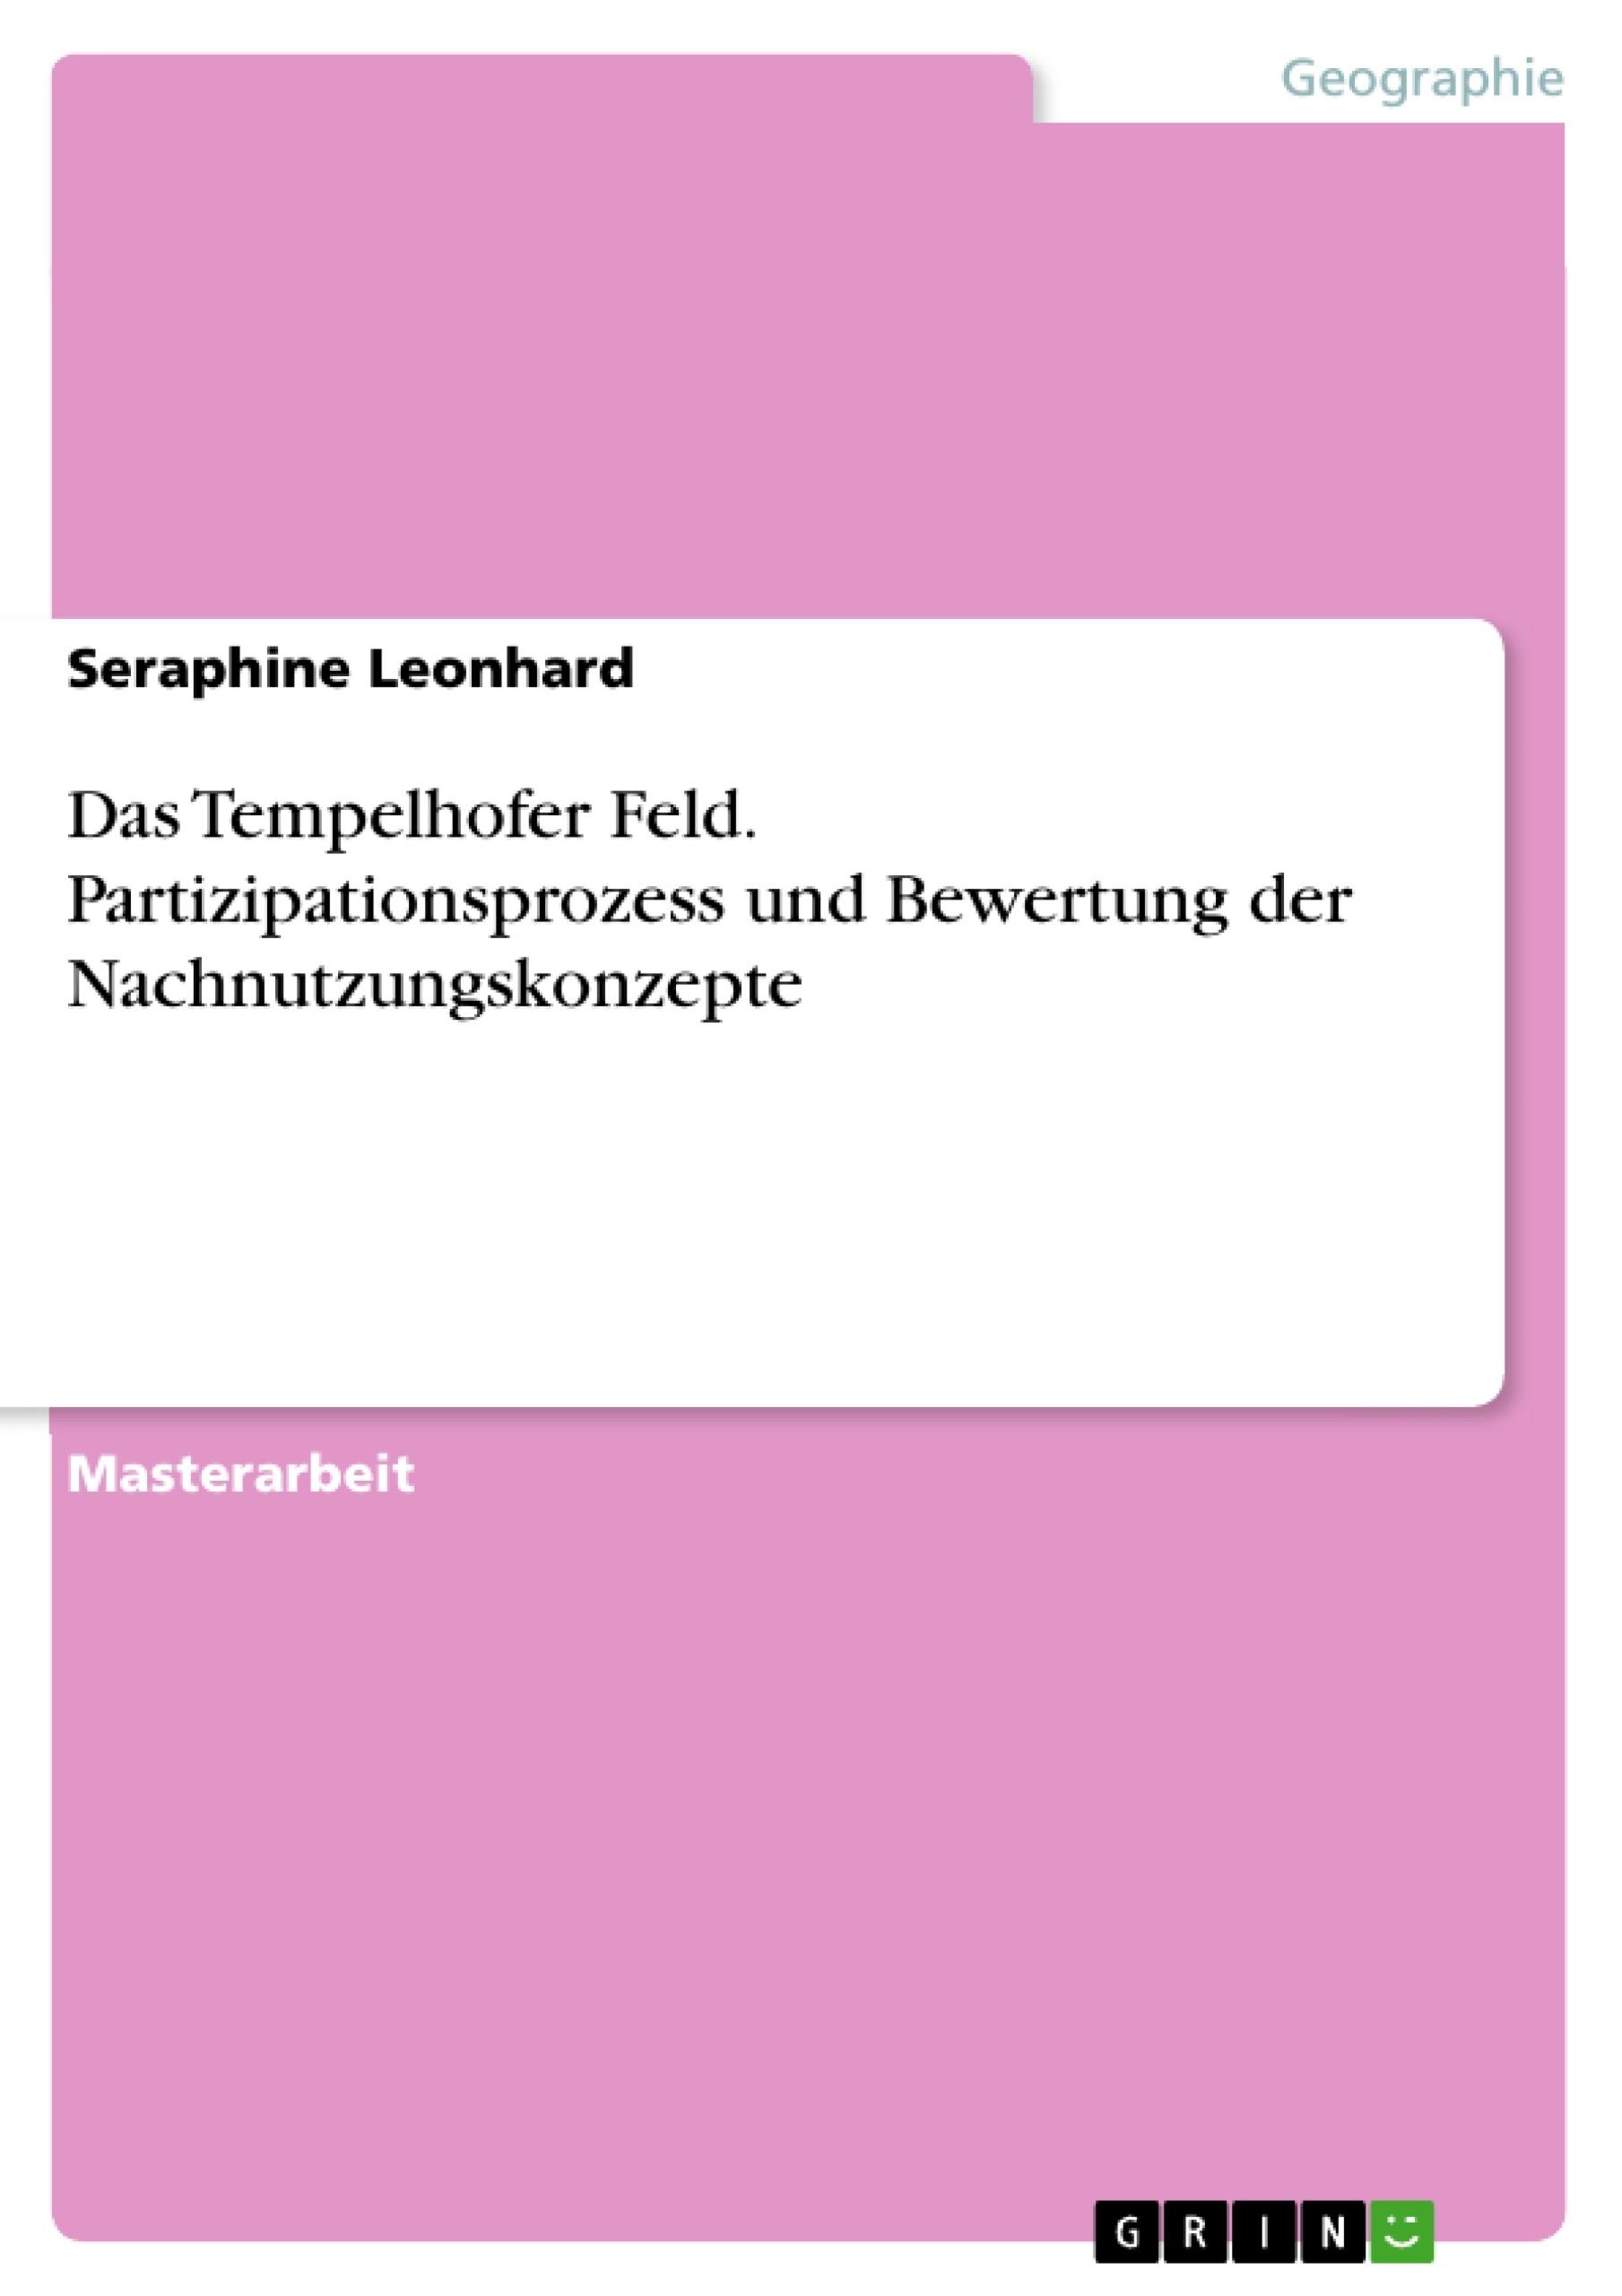 Titel: Das Tempelhofer Feld. Partizipationsprozess und Bewertung der Nachnutzungskonzepte